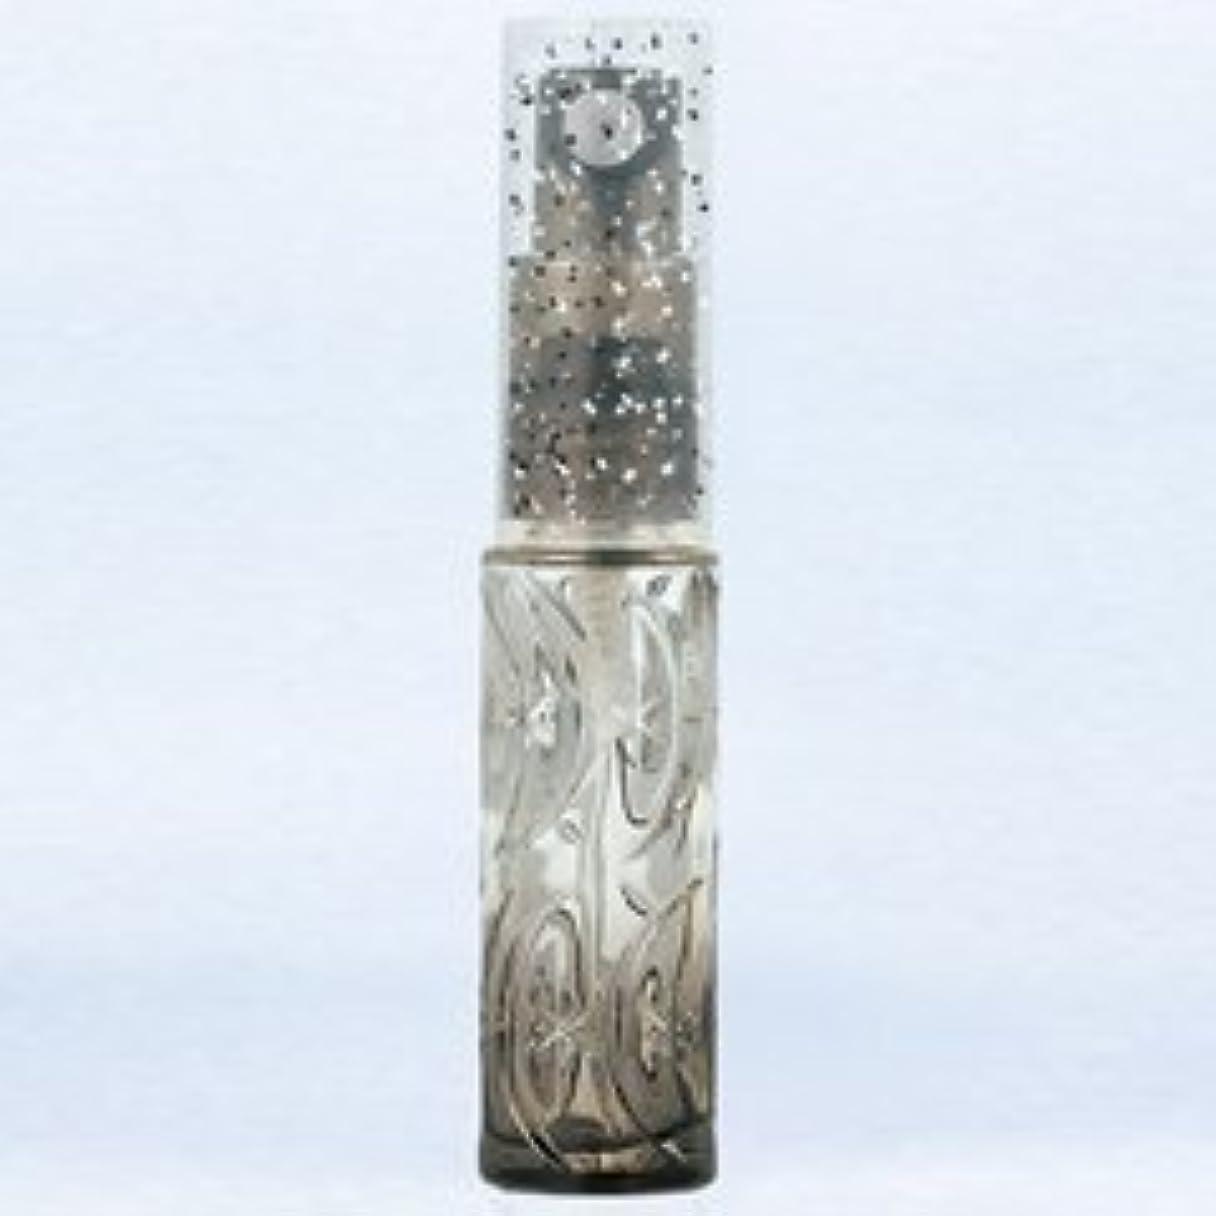 用心豊富な一般的な【ヤマダアトマイザー】ハンドメイドグラスアトマイザー プラスチックポンプ 70345 ムーンスターグラデ ブラック 約3.5ml